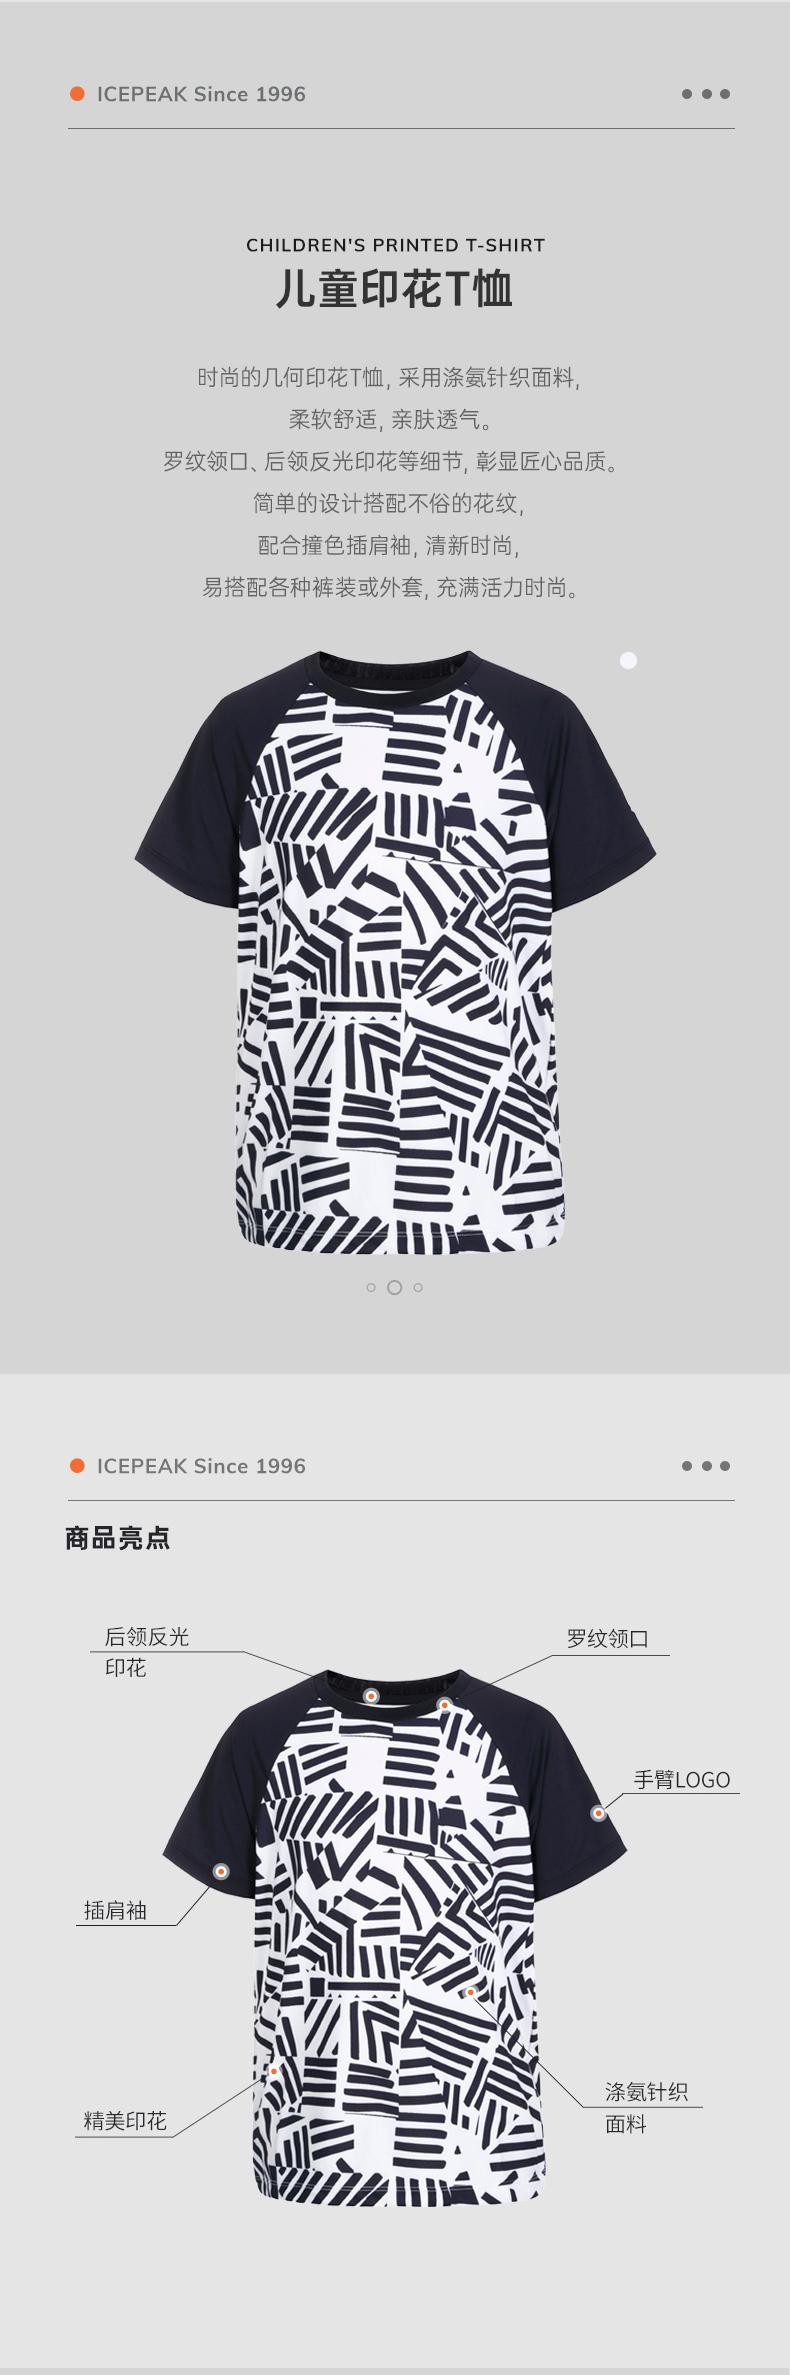 芬兰最大户外品牌之一 艾斯匹克 icepeak  男女/儿童 休闲印花速干T恤 图8